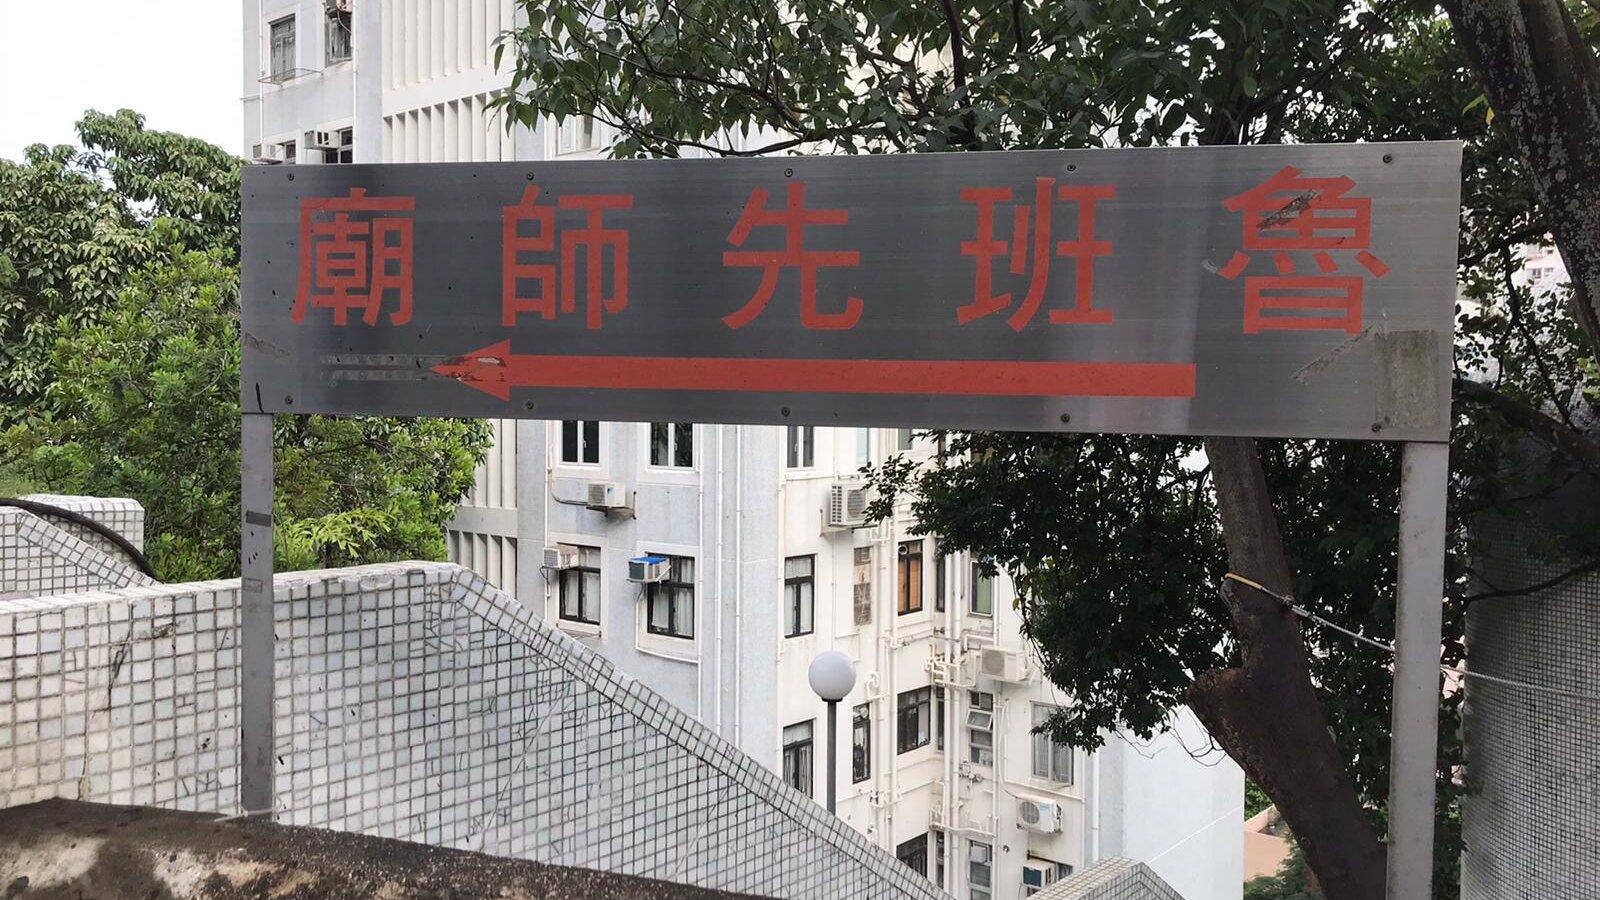 2020魯班誕 - 簽曰:訴訟散、病漸愈